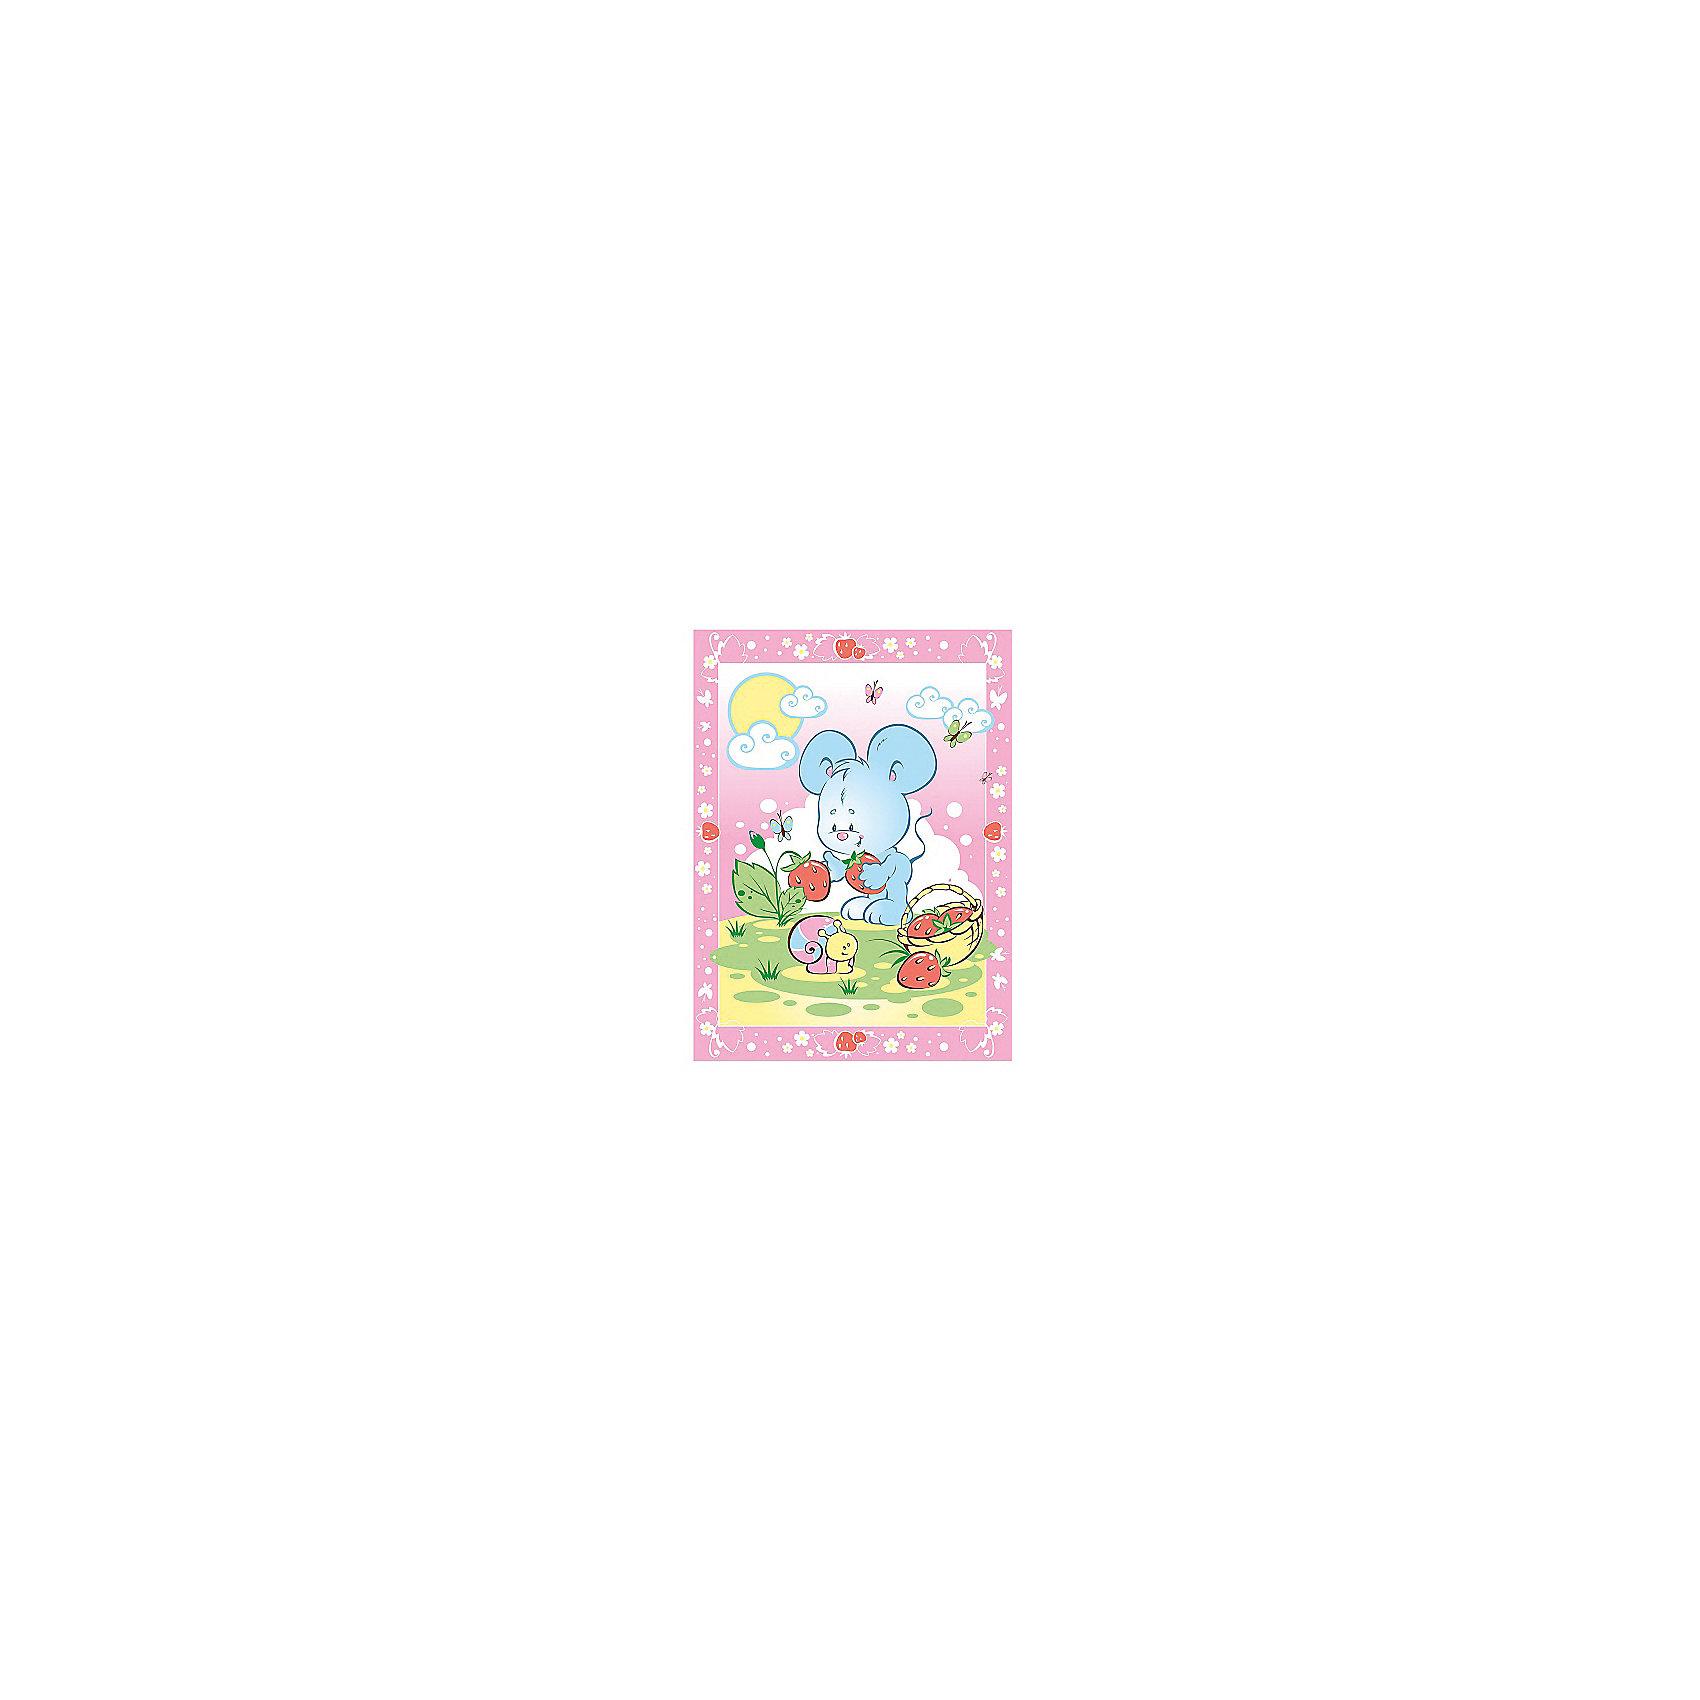 Одеяло байковое Земляничная поляна, 85х115, Baby Nice, розовыйОдеяло байковое Земляничная поляна, 85х115, Baby Nice, розовый.<br><br>Характеристики:<br><br>- Размер: 85х115 см.<br>- Материал: 100% хлопок<br>- Цвет: розовый<br><br>Детское байковое одеяло «Земляничная поляна» от российского производителя Baby Nice подарит Вашему малышу ощущение тепла и уюта. Одеяло подходят для дома и для прогулки, и рекомендовано к эксплуатации круглый год. Можно не сомневаться, что малыша, укрытого байковым одеялом, ждет комфортный крепкий сон! Выполненное из 100% хлопка, одеяло нежное и мягкое на ощупь, отлично дышит, проводит тепло, поддерживая нужную температуру, никогда не вызовет раздражение на коже малыша, абсолютно гипоаллергенно. Края изделия обработаны оверлоком. Одеяло не требует сложного специального ухода: легко стирается, сушится, не деформируется. А яркий рисунок на изделии обязательно привлечет внимание Вашего крохи, и он будет с большим интересом рассматривать забавного мышонка и его подружку улитку.<br><br>Одеяло байковое Земляничная поляна, 85х115, Baby Nice, розовое можно купить в нашем интернет-магазине.<br><br>Ширина мм: 230<br>Глубина мм: 250<br>Высота мм: 40<br>Вес г: 500<br>Возраст от месяцев: 0<br>Возраст до месяцев: 36<br>Пол: Унисекс<br>Возраст: Детский<br>SKU: 4943411